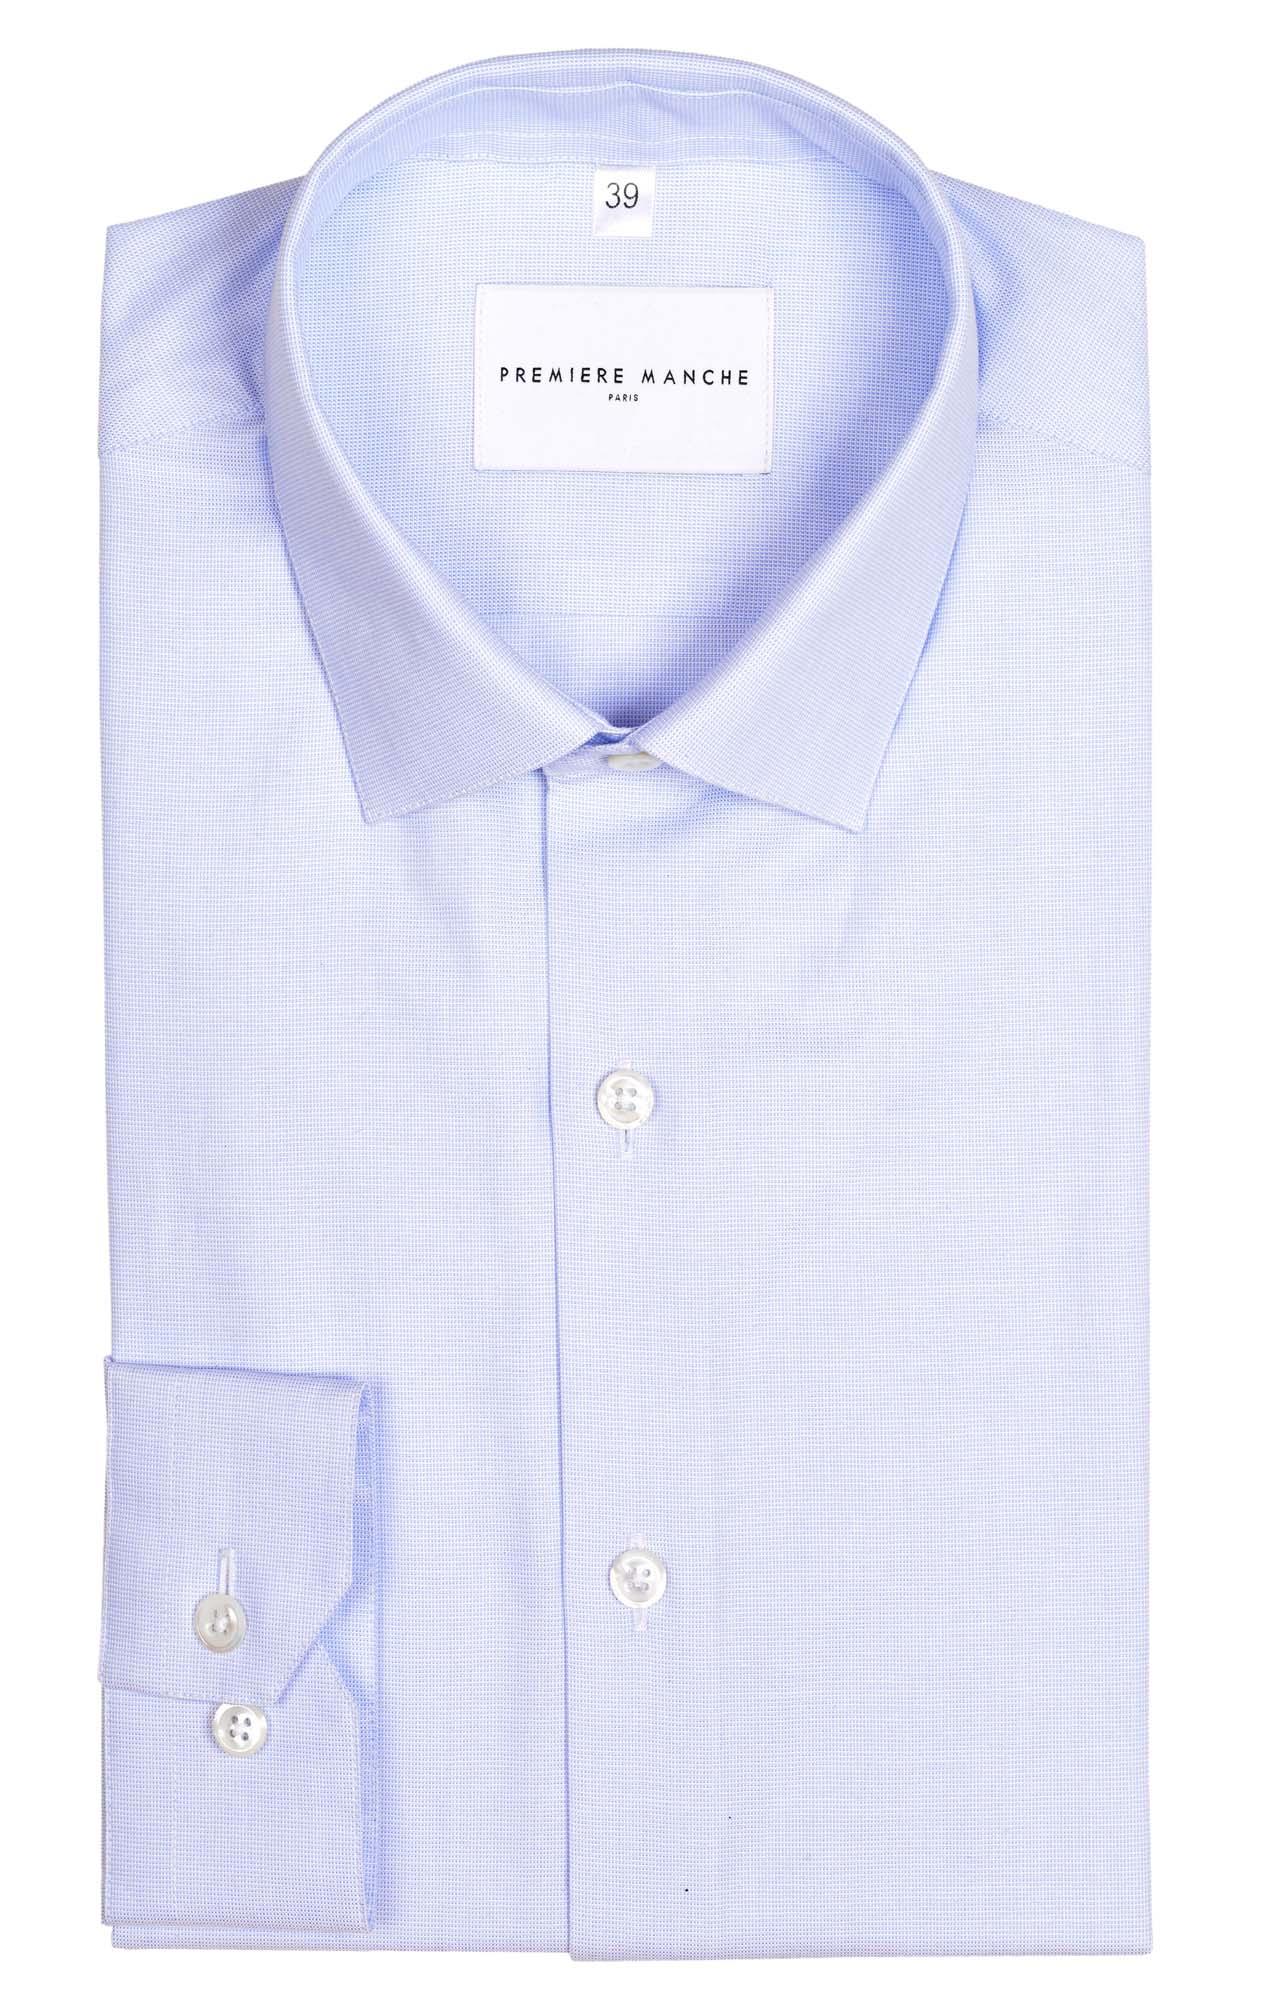 Chemise bleu clair unie Les chemises